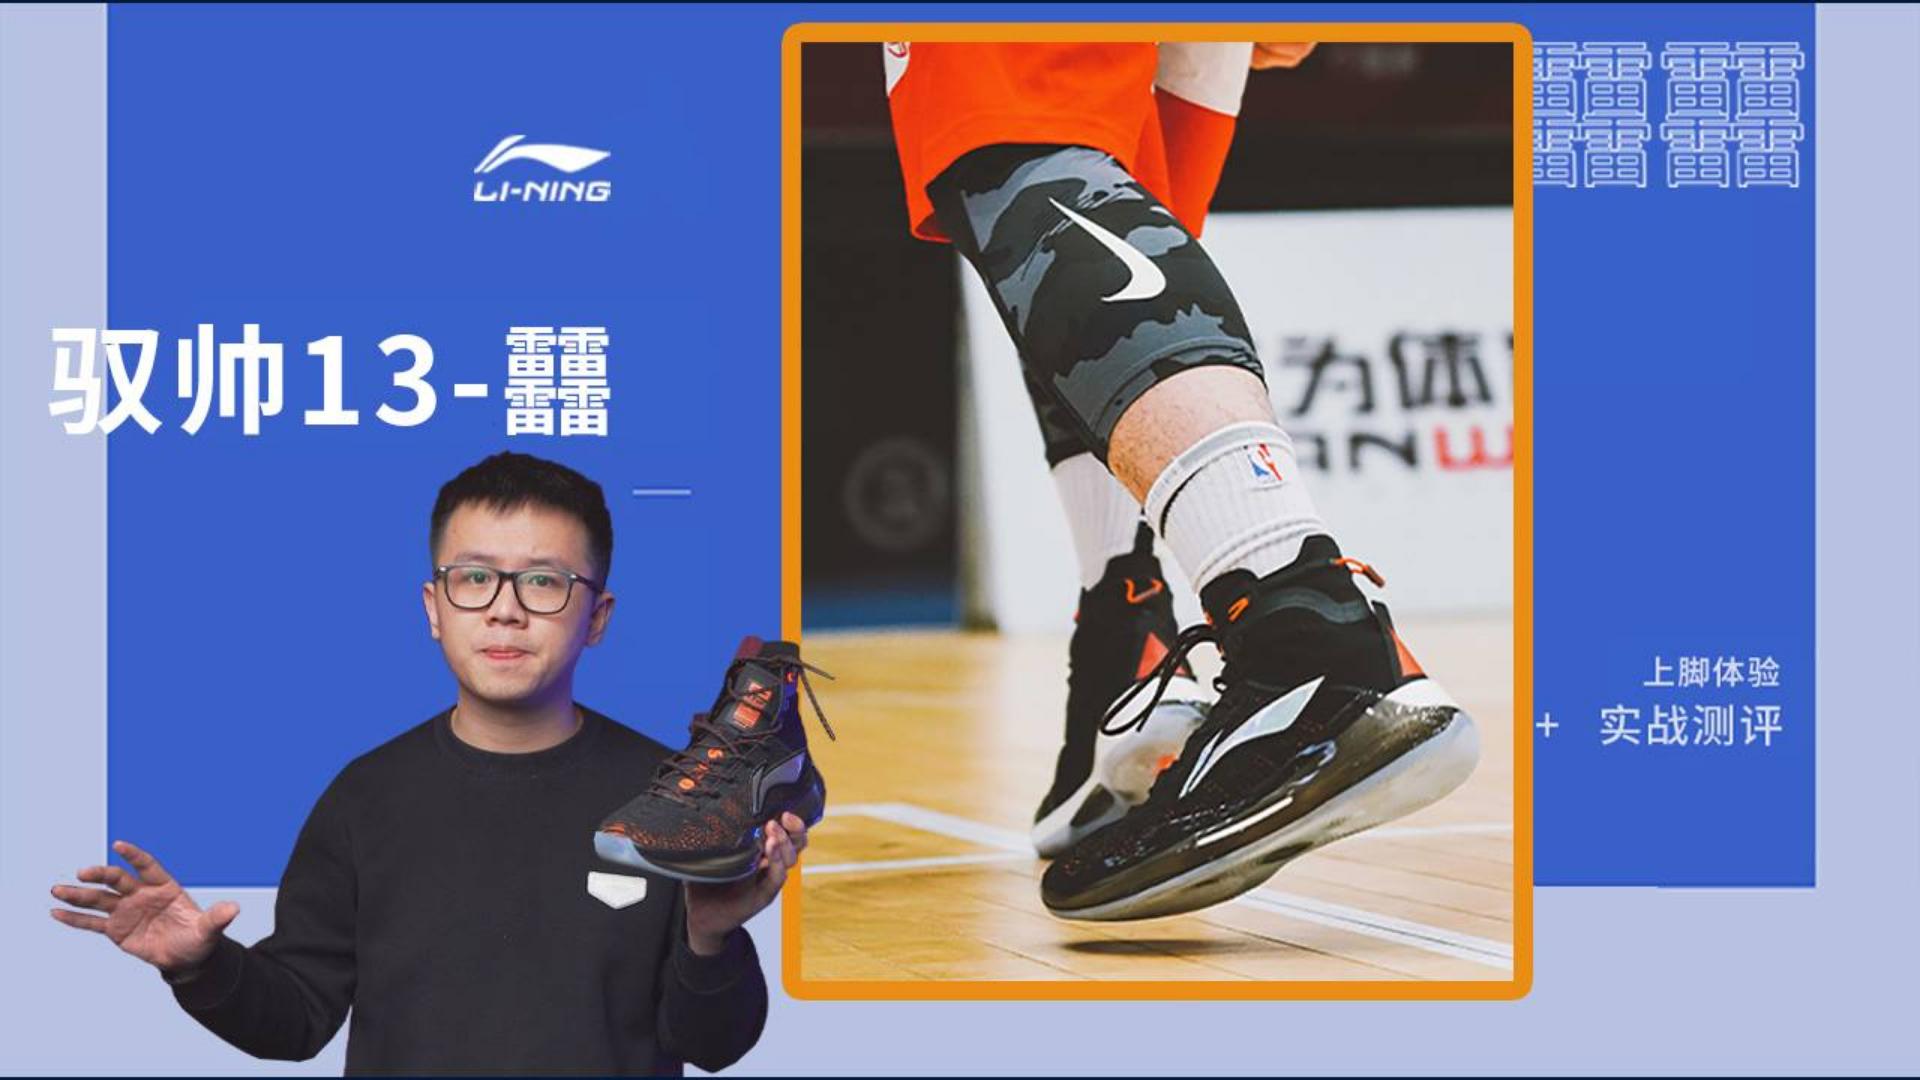 驭帅13䨻实战测评:国产巅峰球鞋?入手还是等等吧!